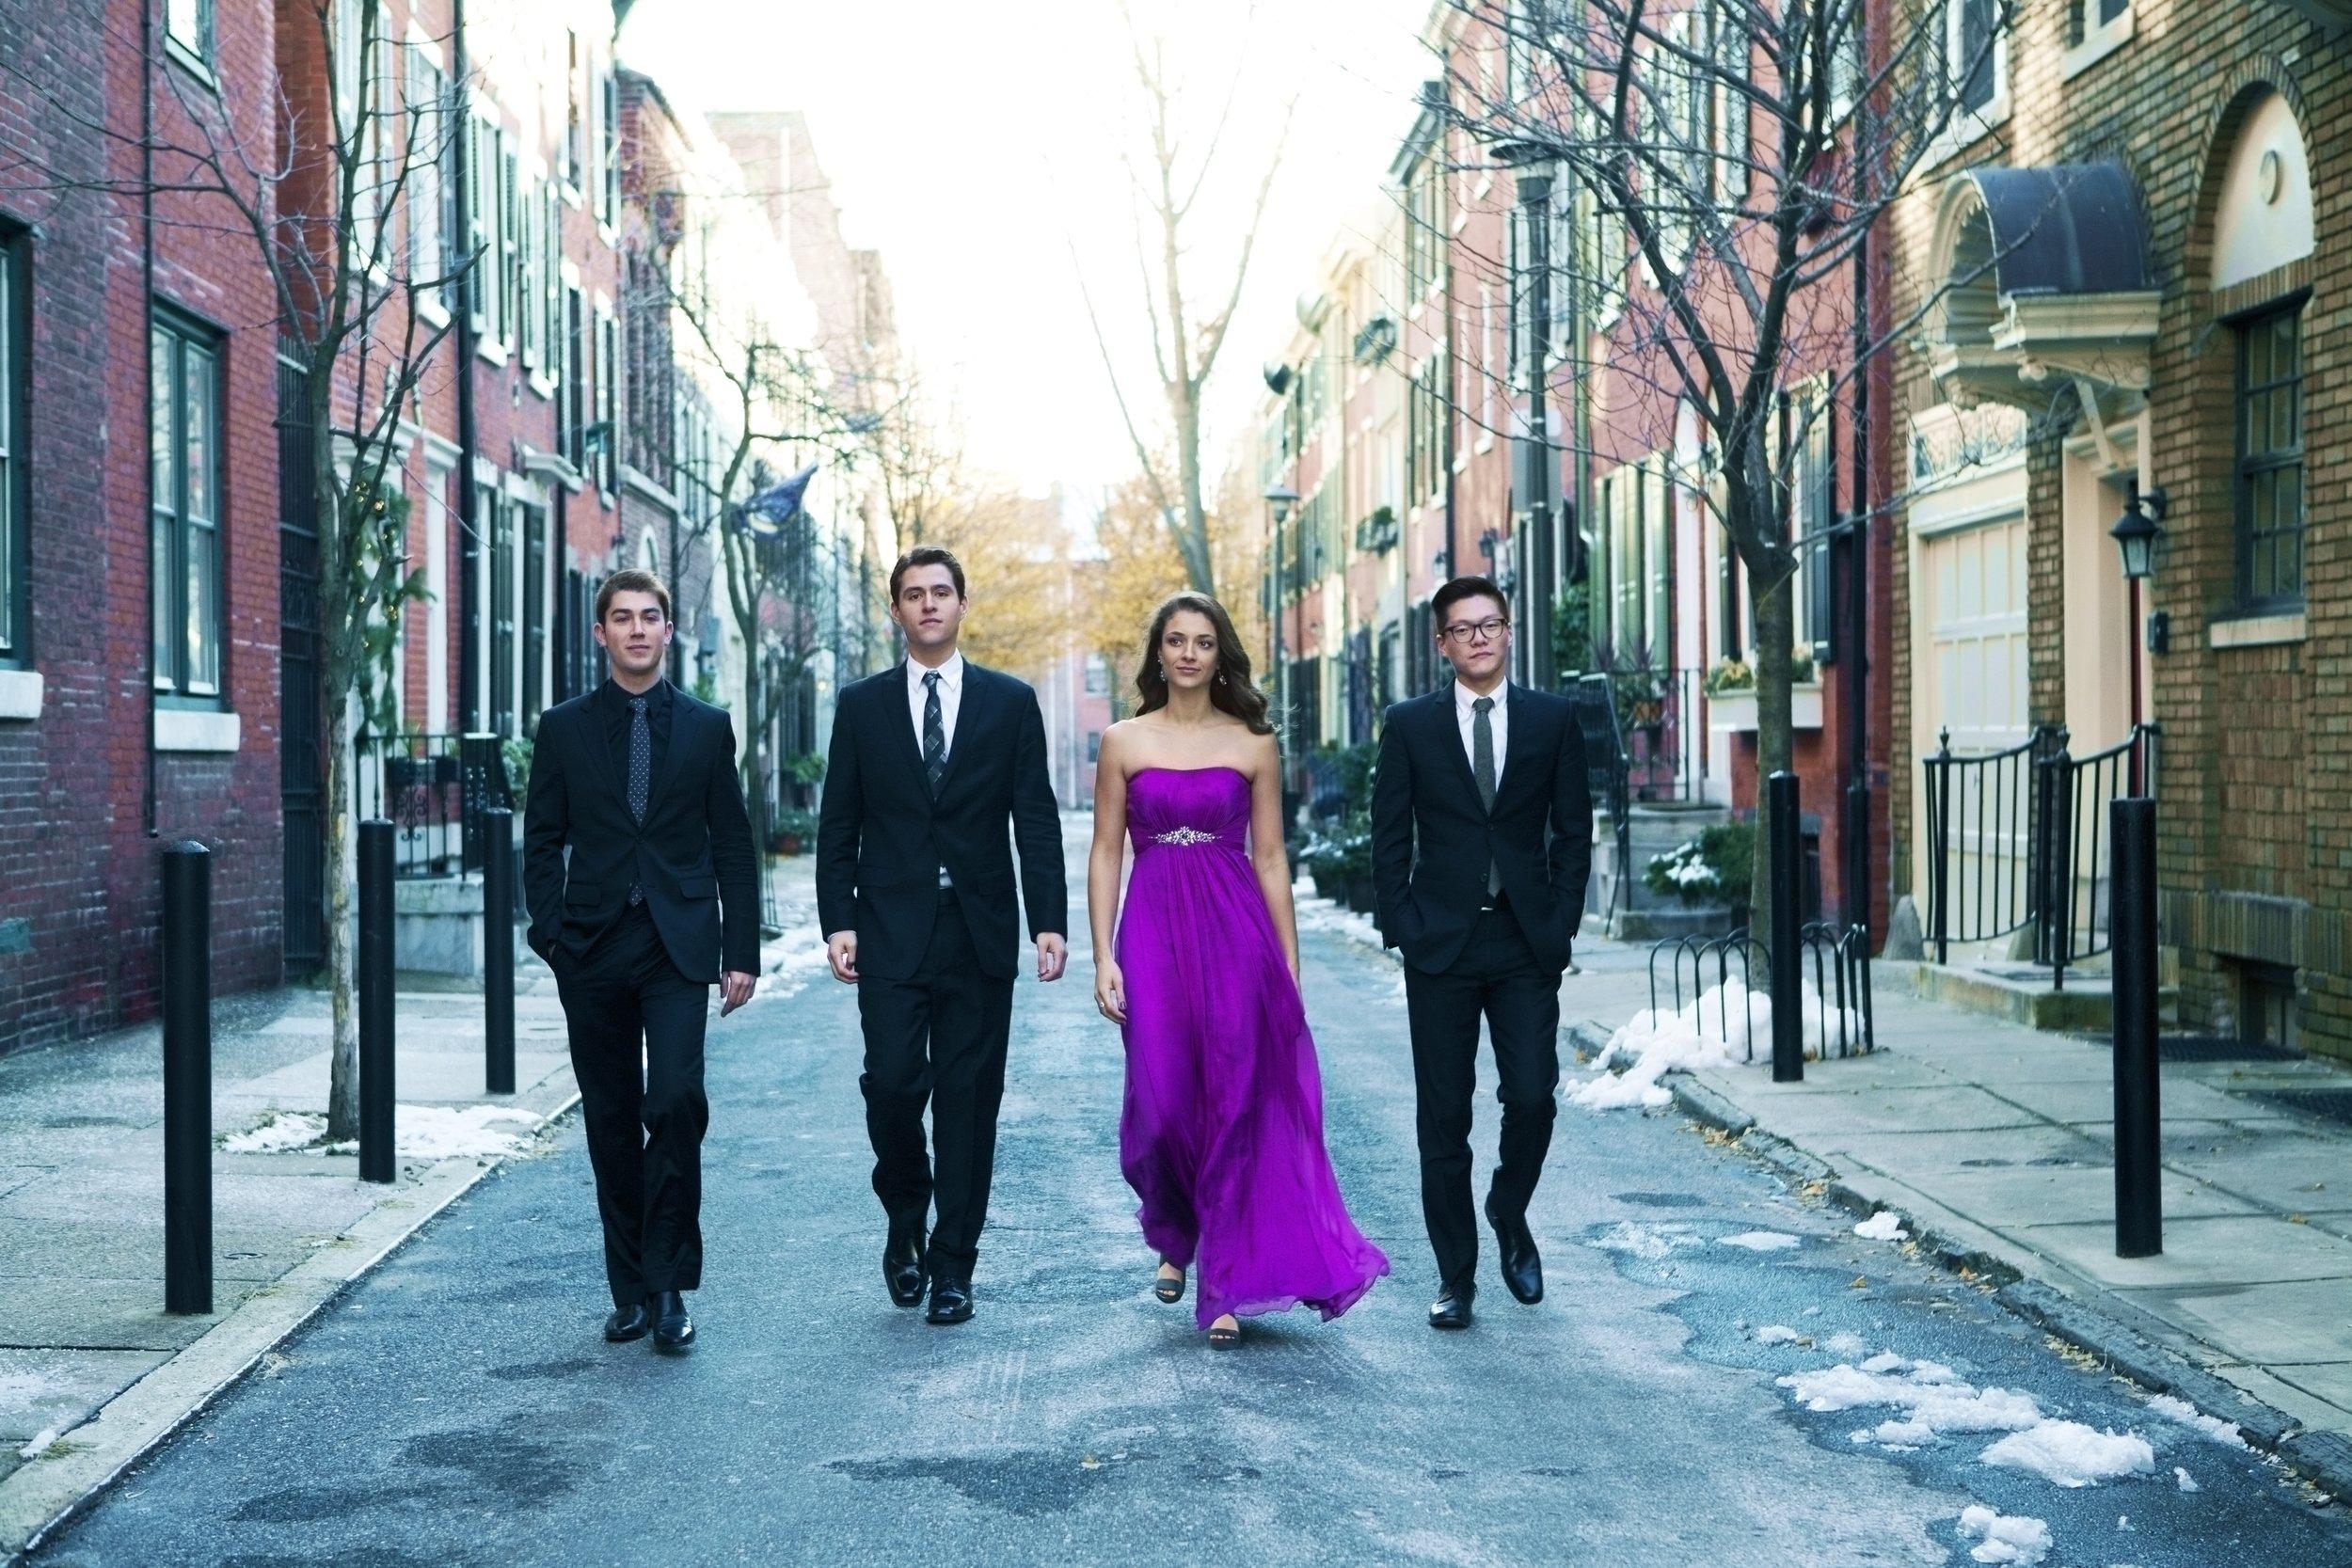 The Dover Quartet: Camden Shaw (cello), Joel Link (first violin), Milena Pajaro-van de Stadt (viola), Bryan Lee (second violin).